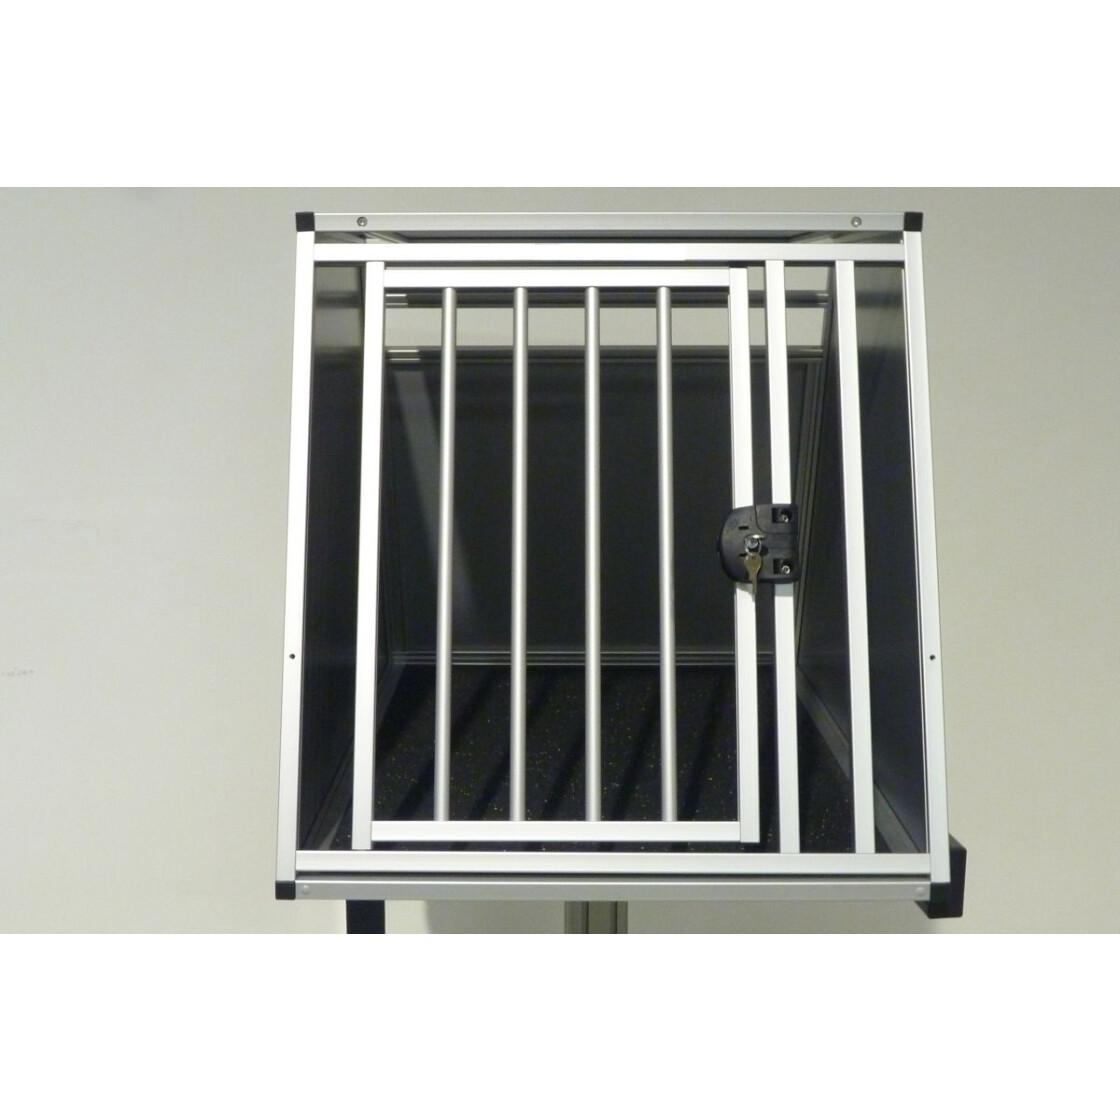 hundebox aluminium fiat 500x mit zus tzlichen gep ckraumboden trans 387 50. Black Bedroom Furniture Sets. Home Design Ideas